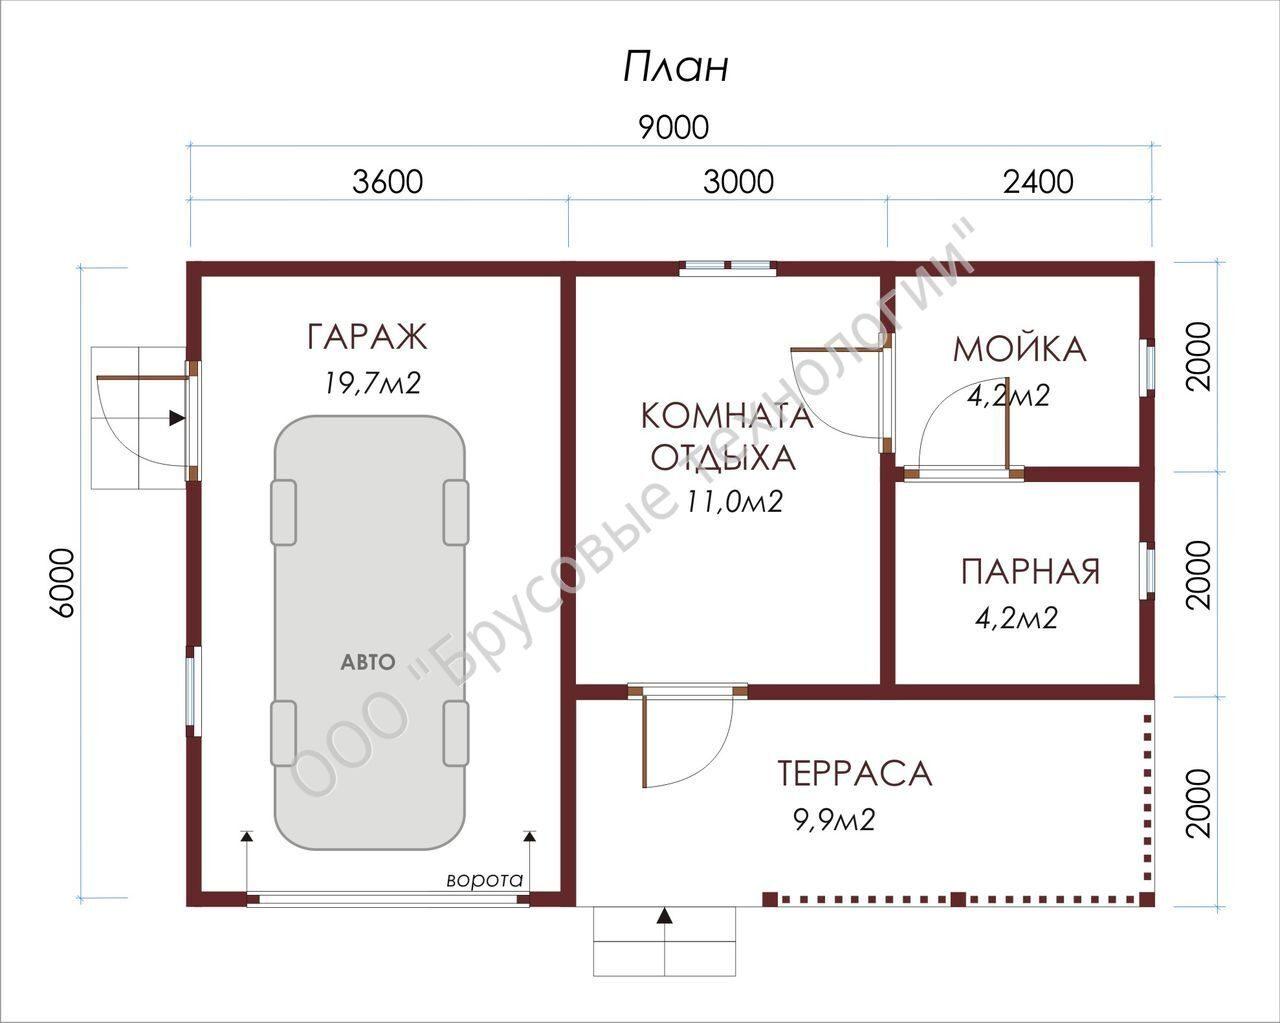 Дом баня и гараж под одной крышей фото